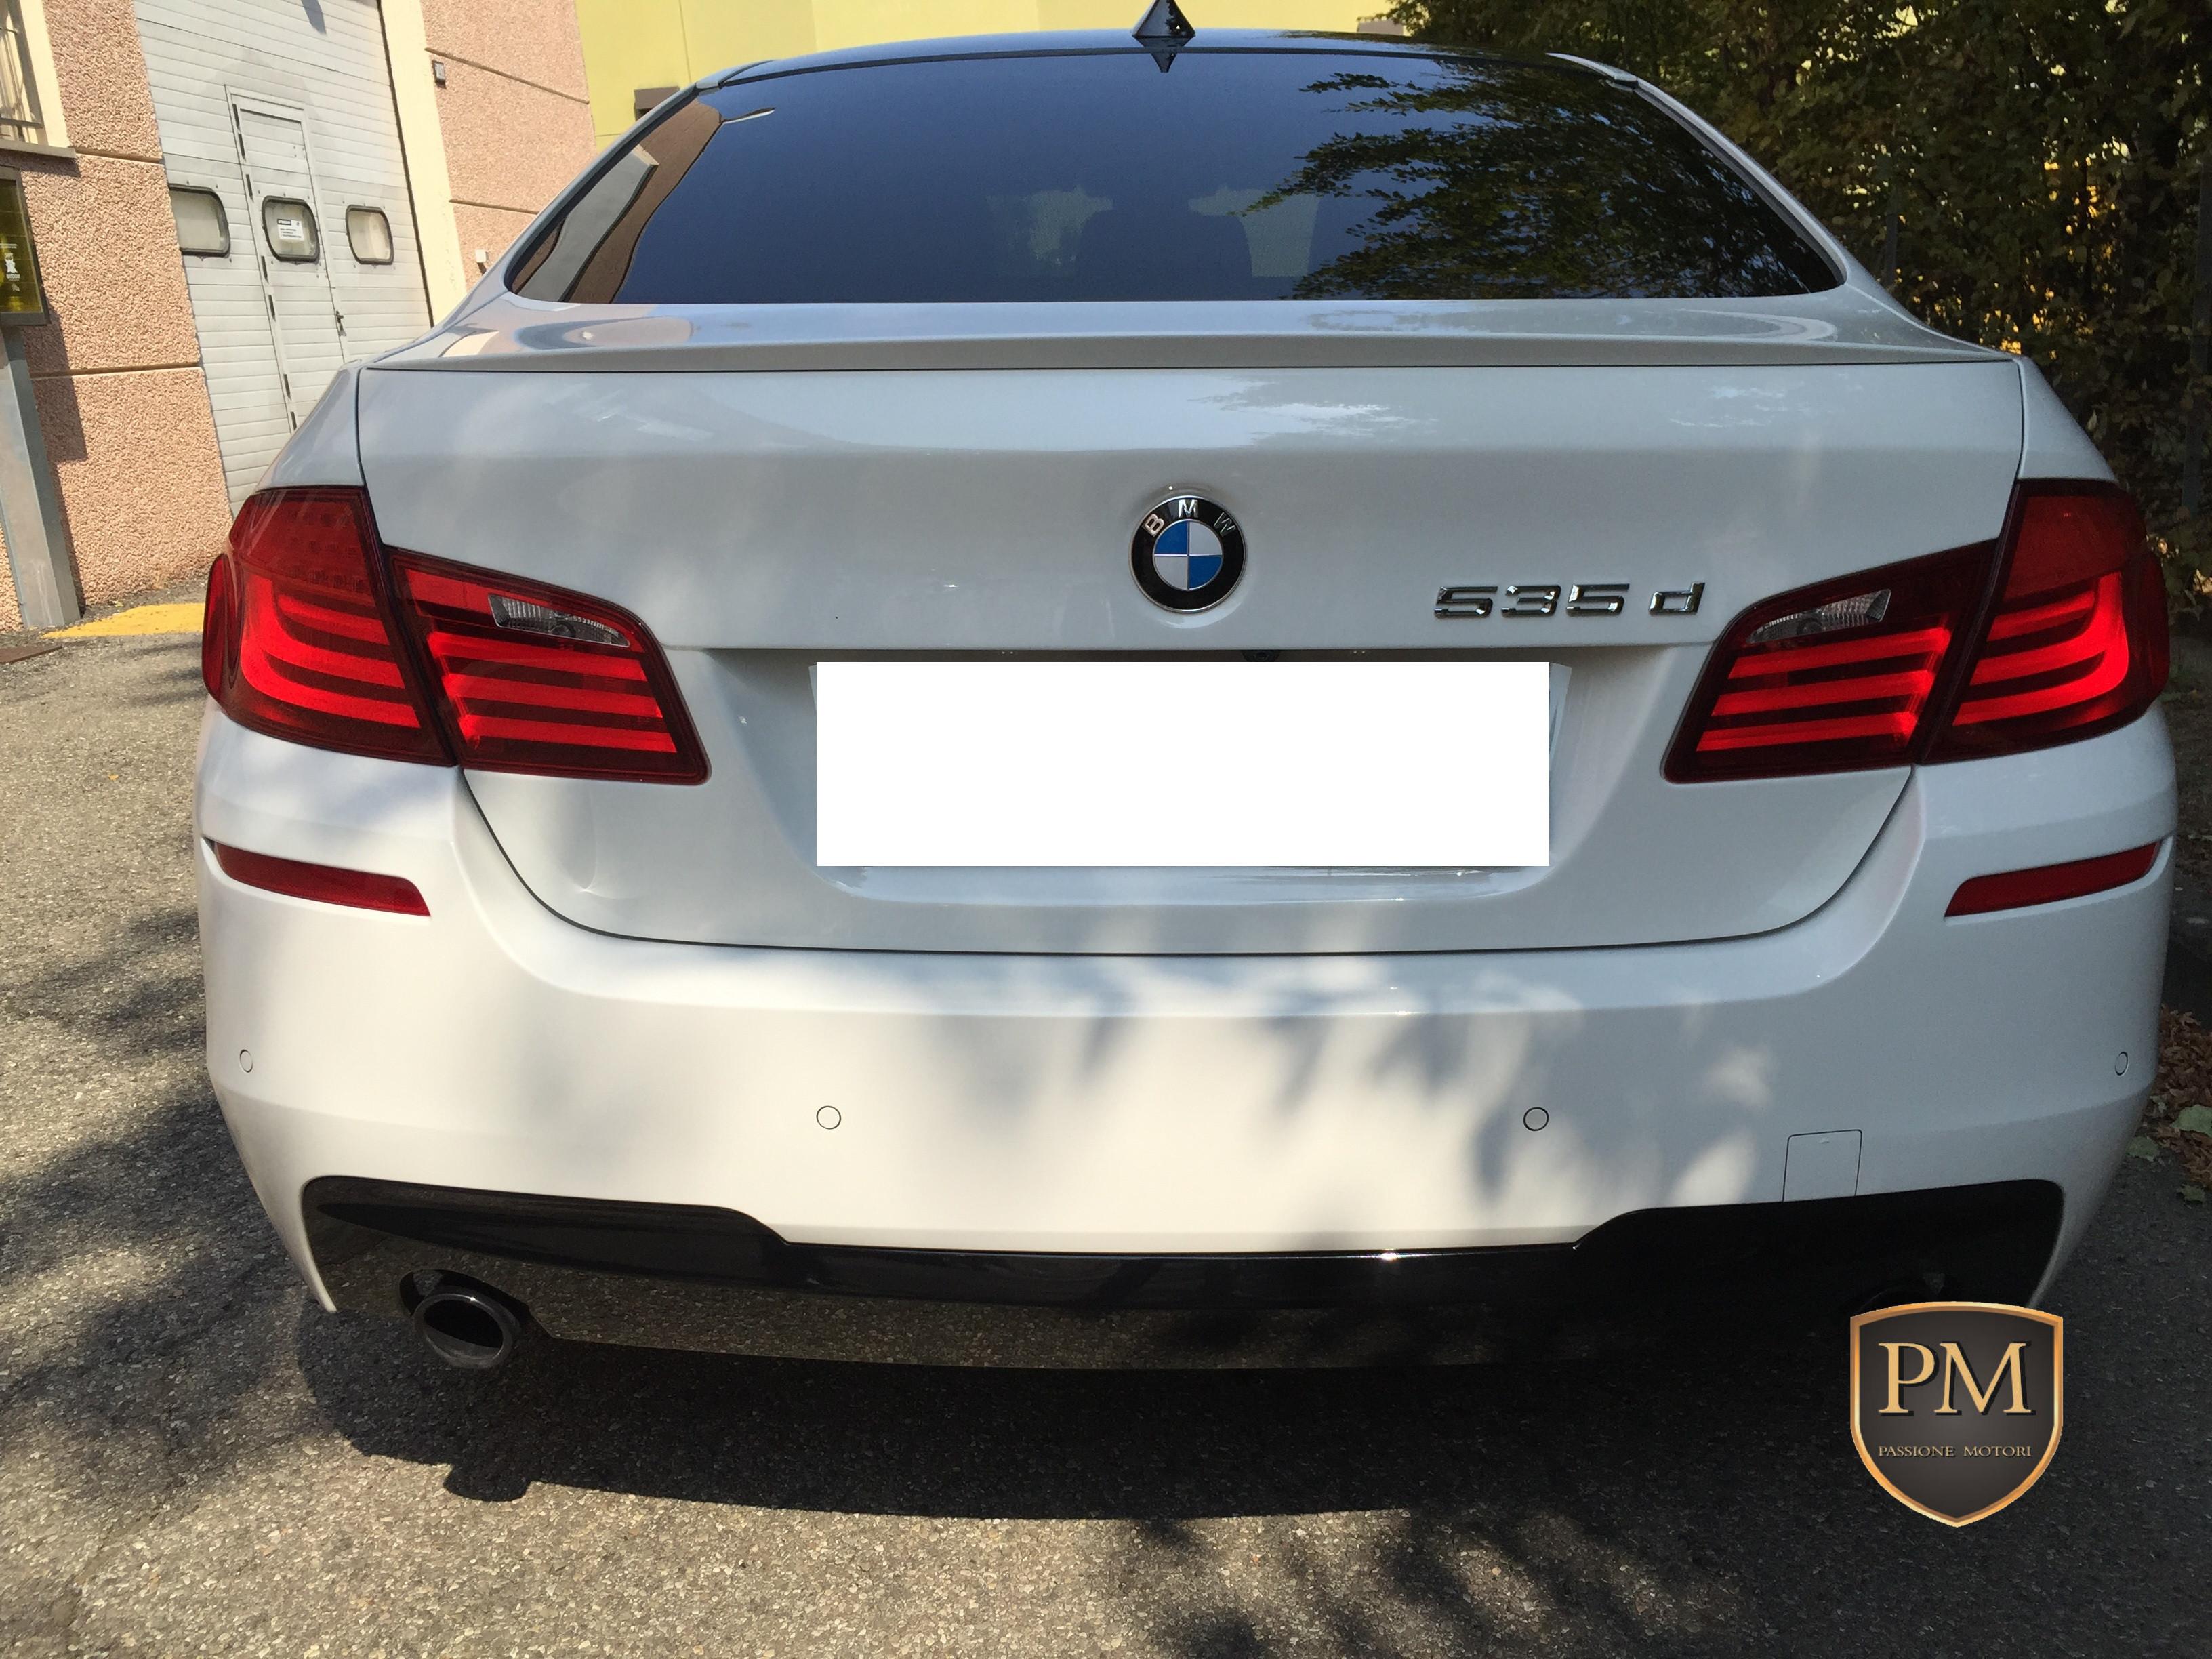 BMW 535d M SPORT BIANCA 2